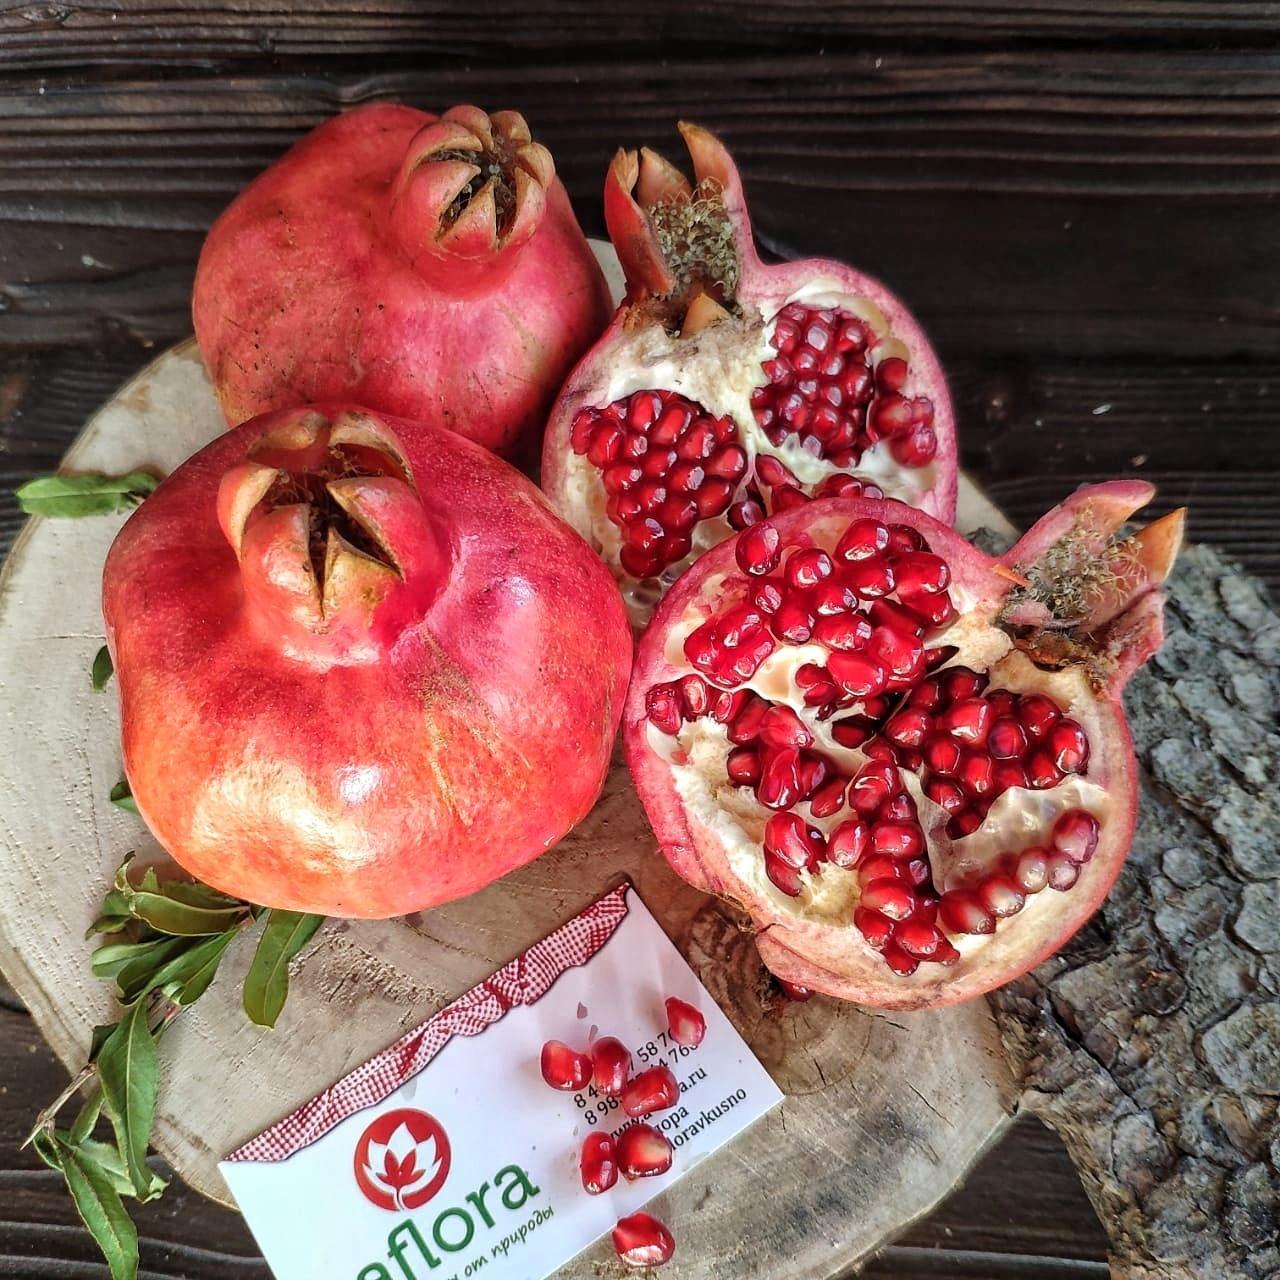 Фотография Гранат (Азербайджан) / кг / РАСПРОДАЖА купить в магазине Афлора